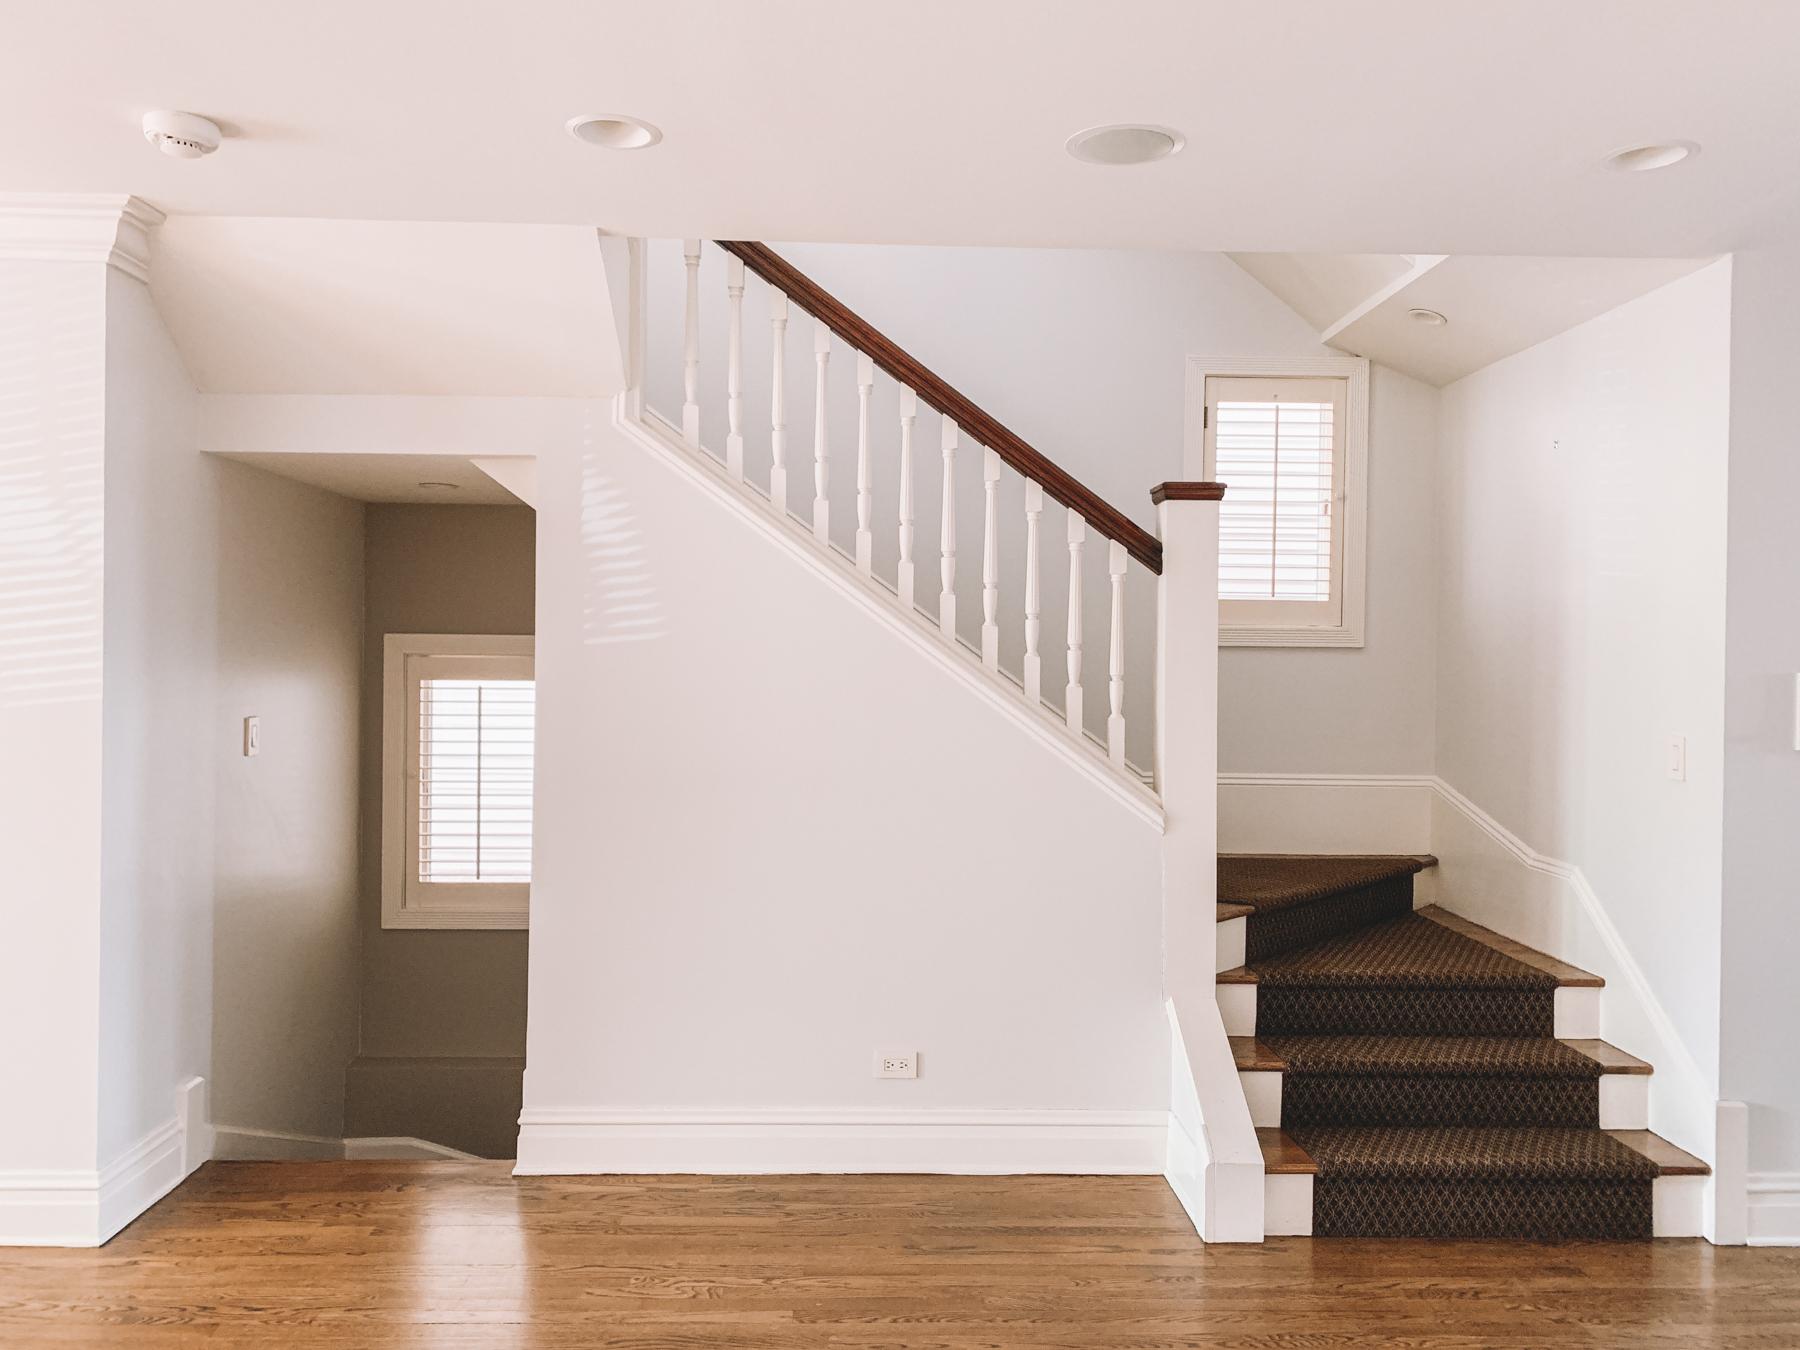 stair runner before